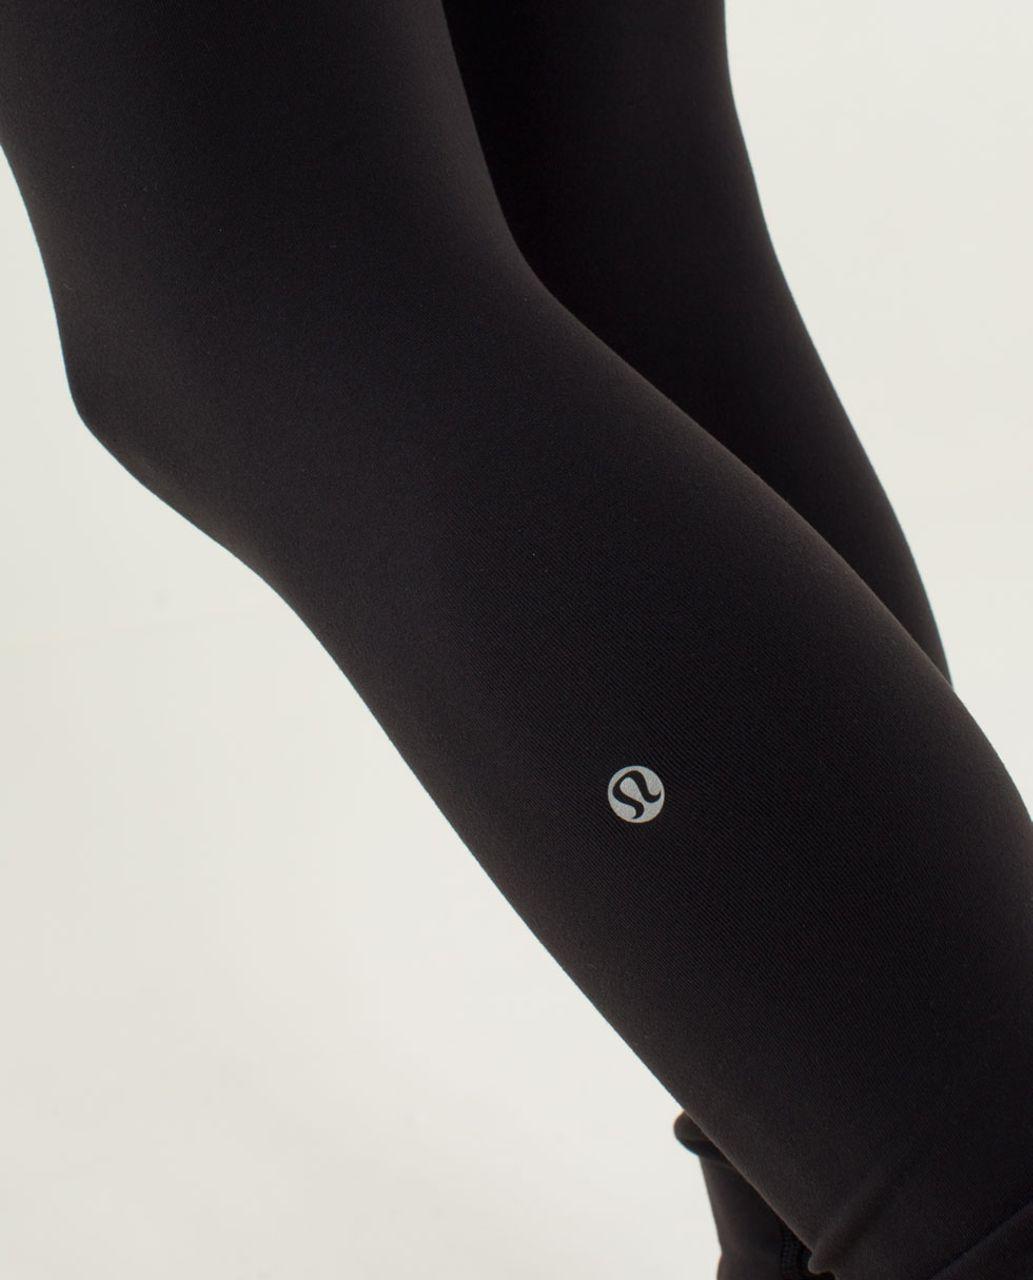 Lululemon Wunder Under Pant - Black / Quilt 20 Fall 2013